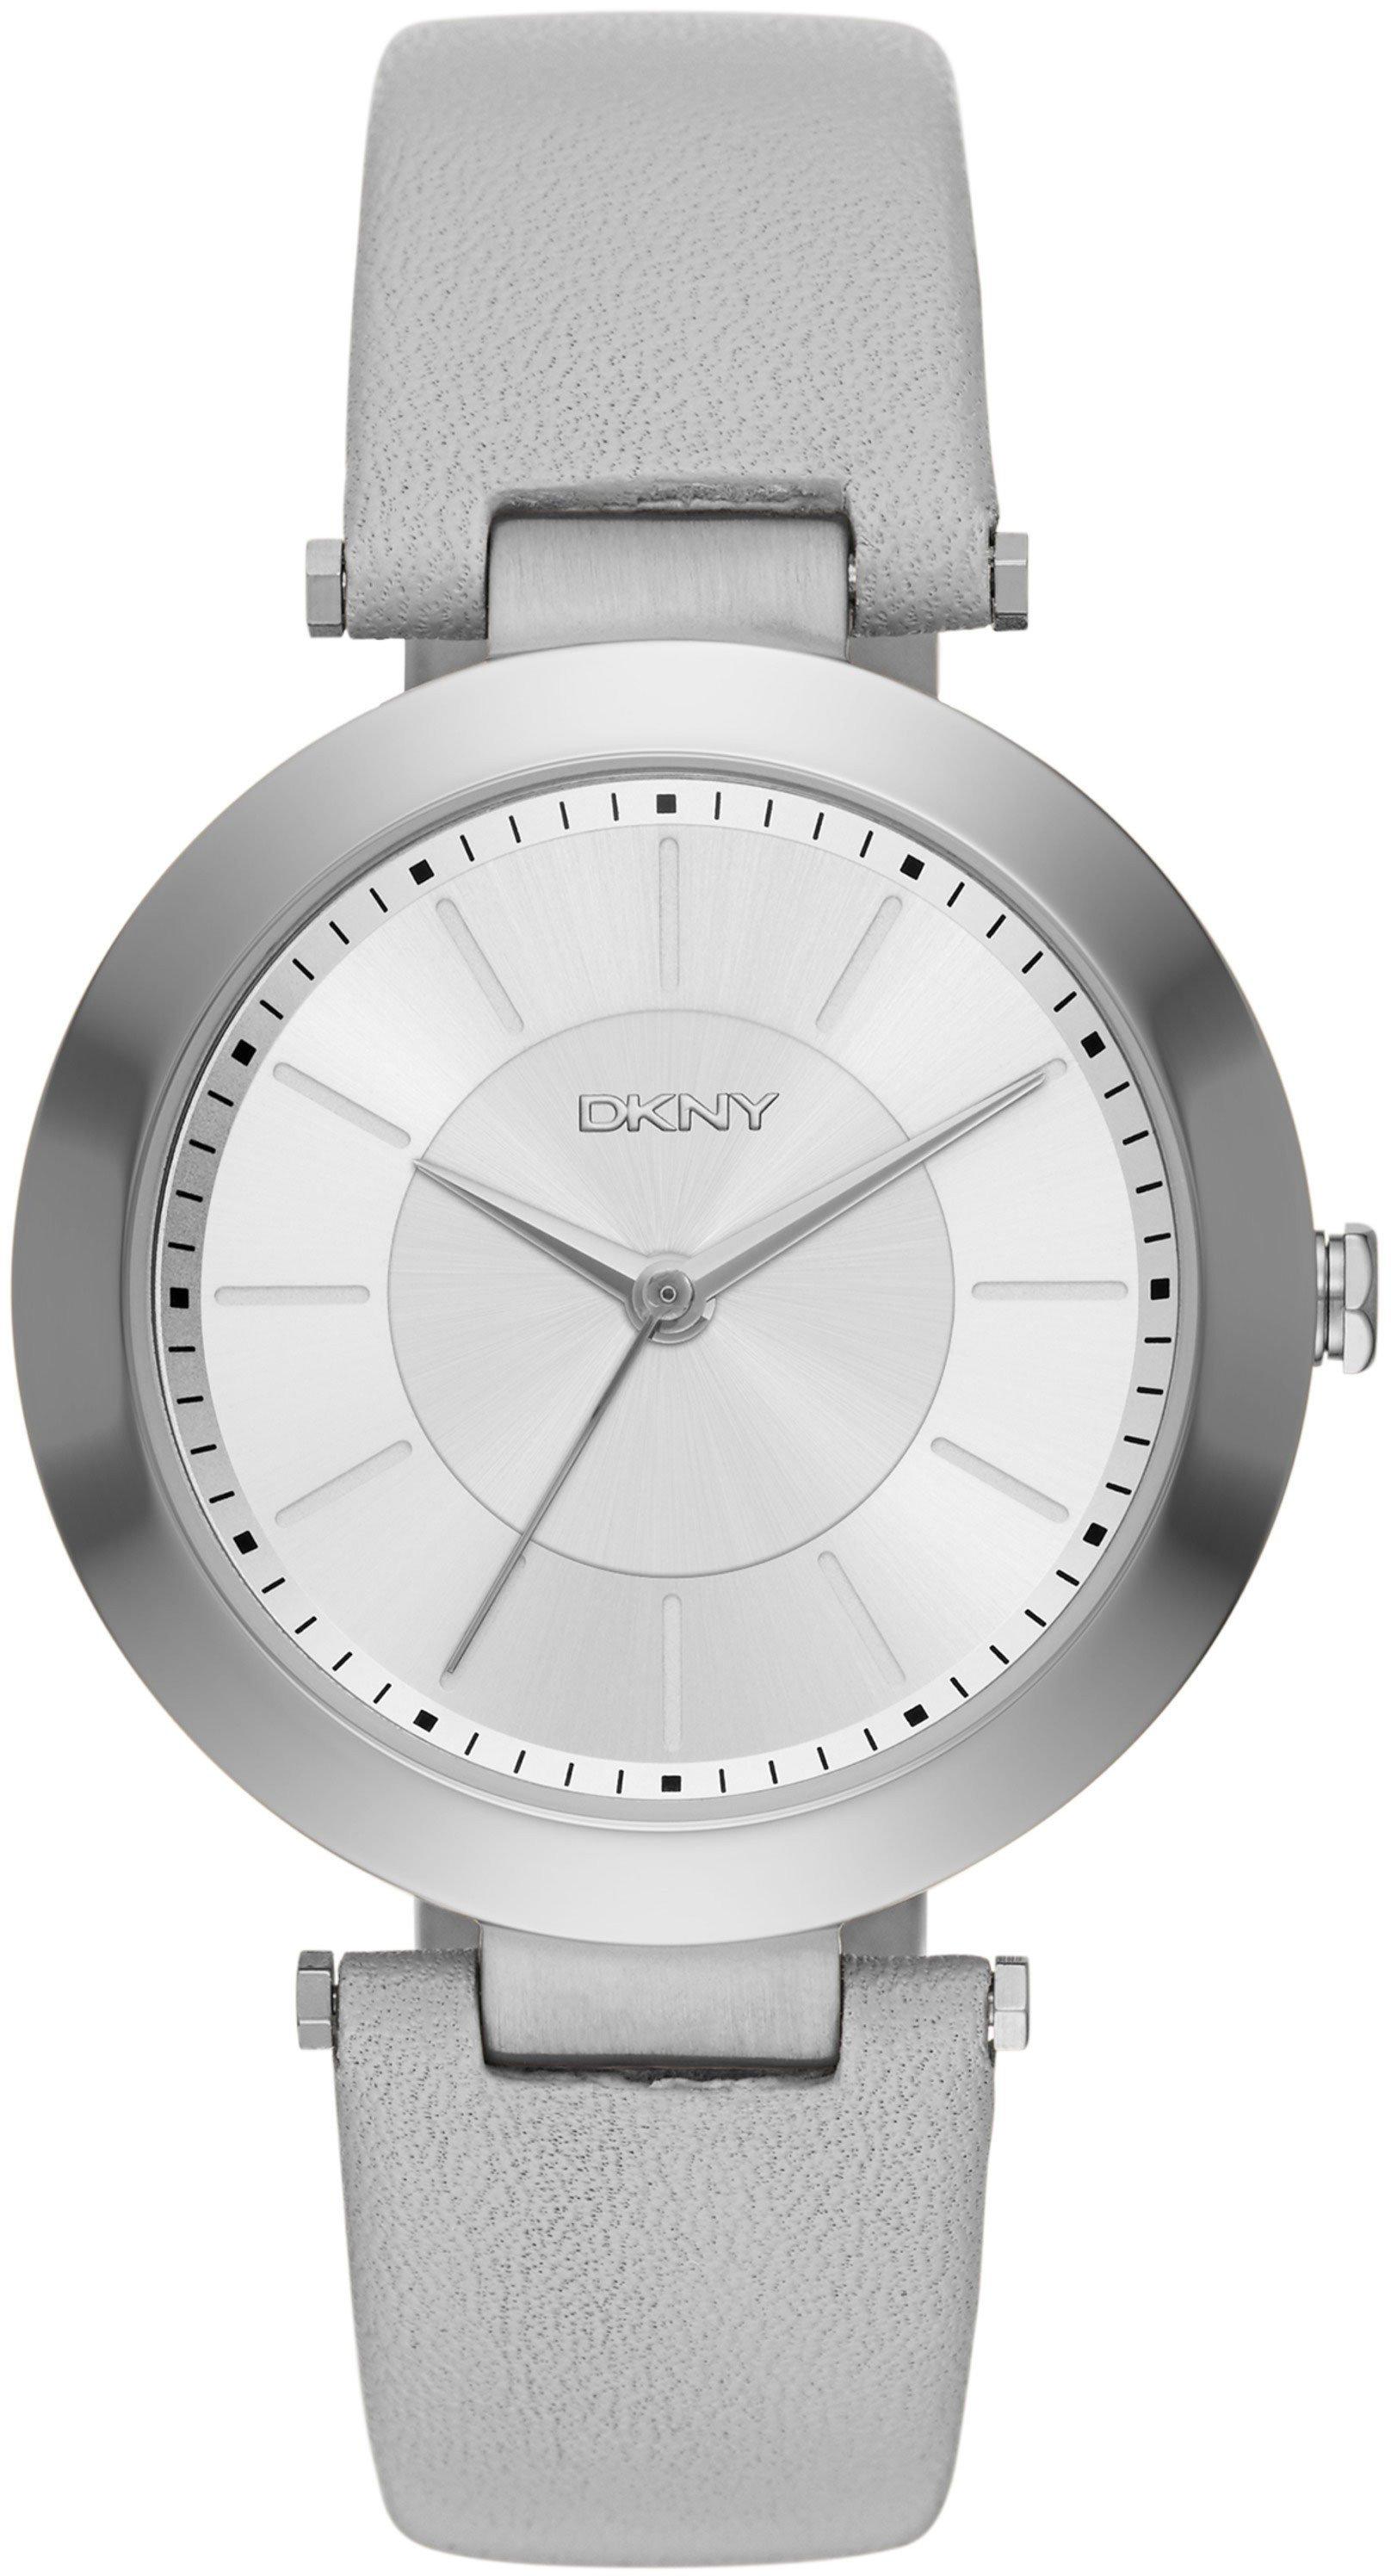 5a2fe6f2df9c Часы DKNY NY2460 купить часы Донна Каран NY 2460 в Киеве, Харькове ...